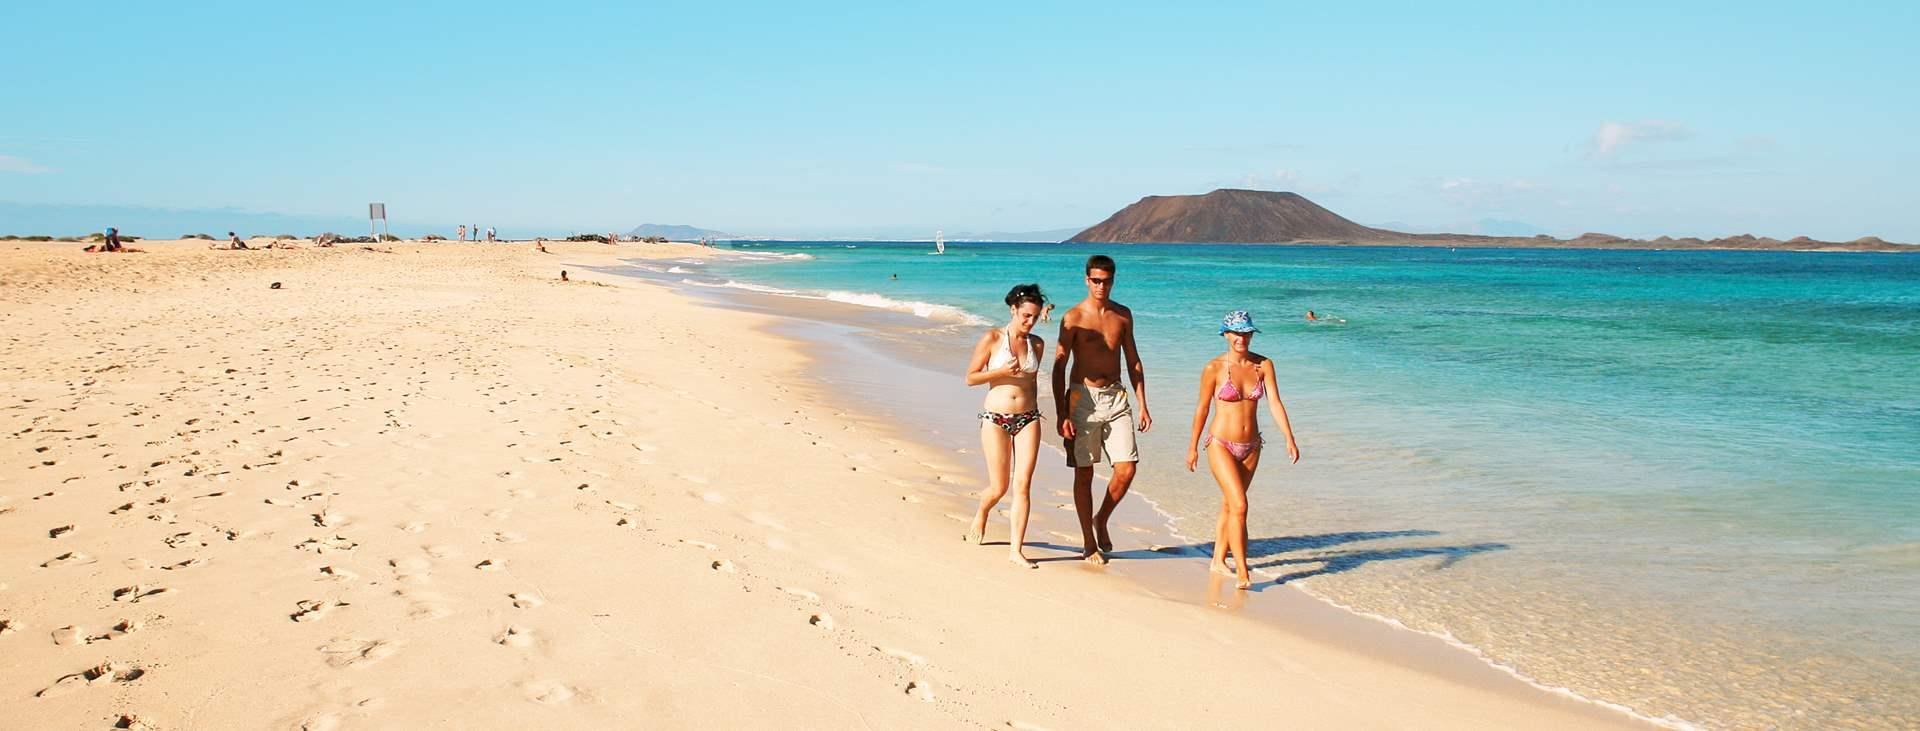 Bestill en reise til Fuerteventura på Kanariøyene med Ving